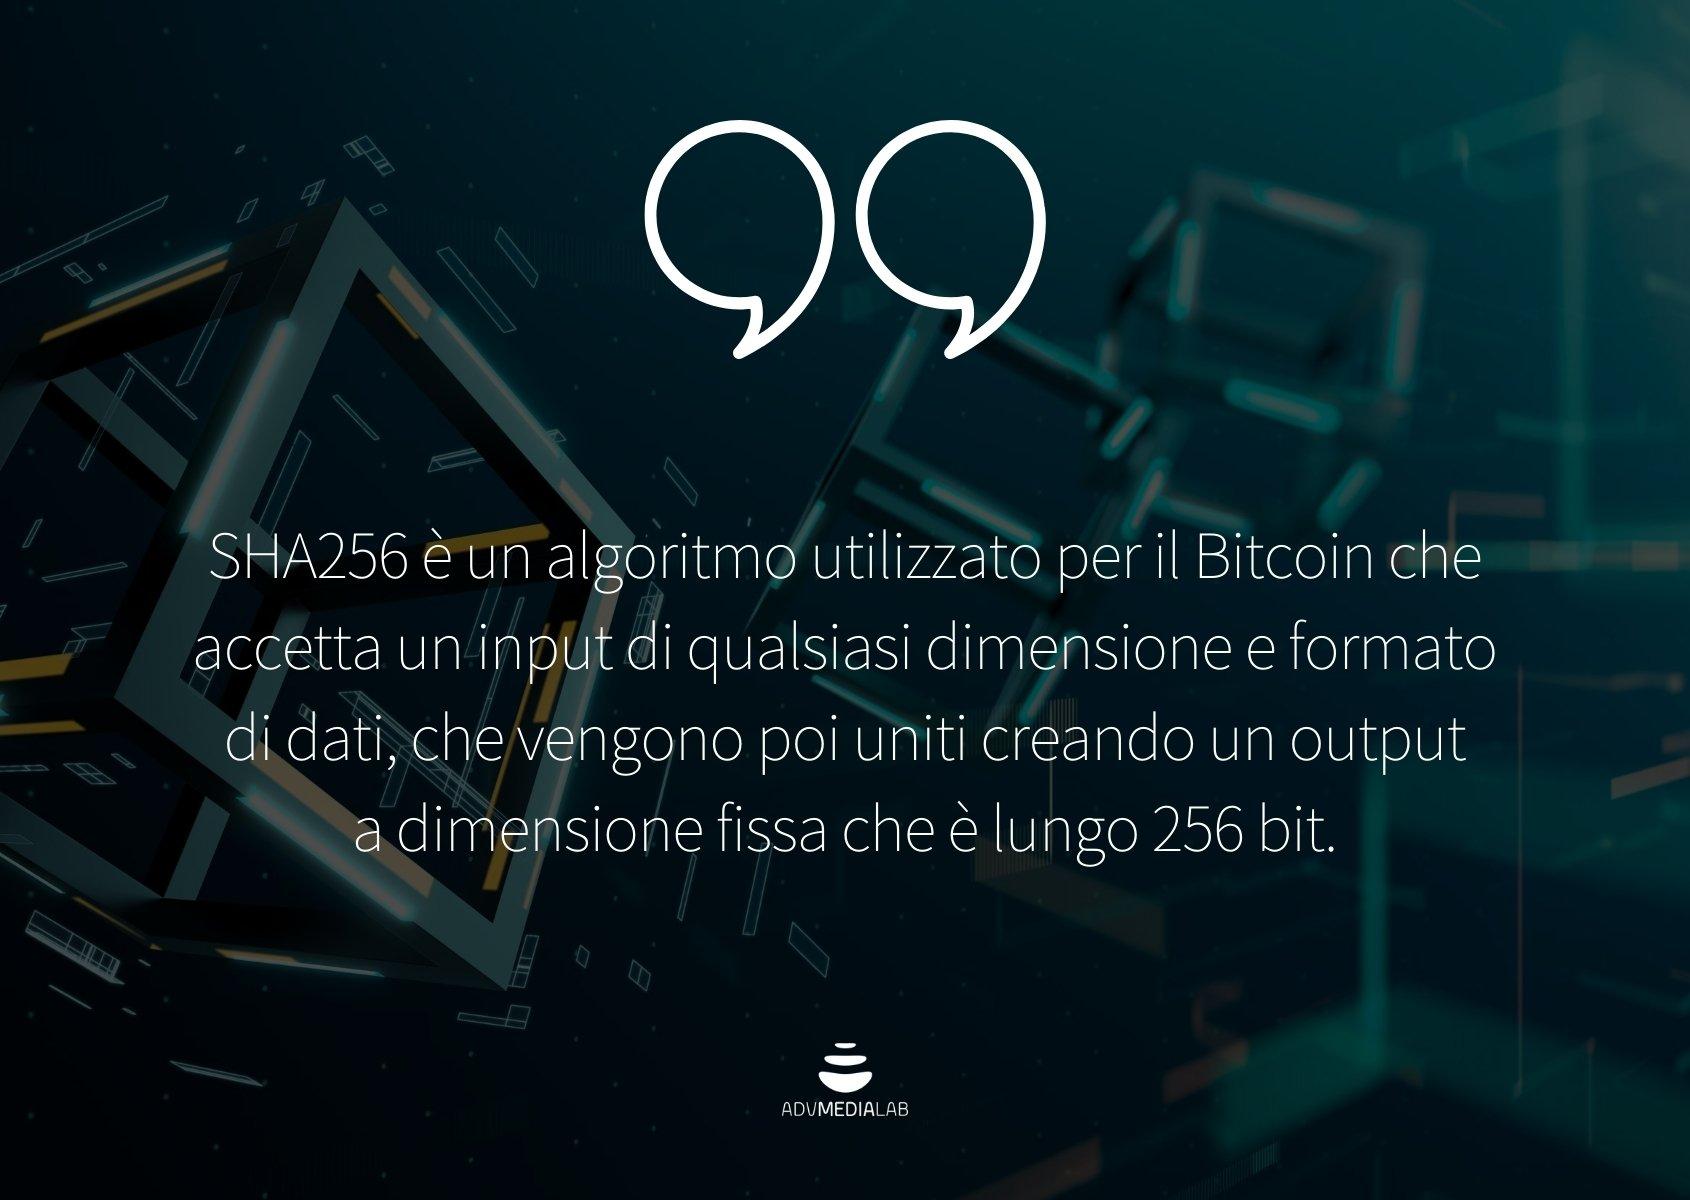 Dizionario-blockchain-quote11